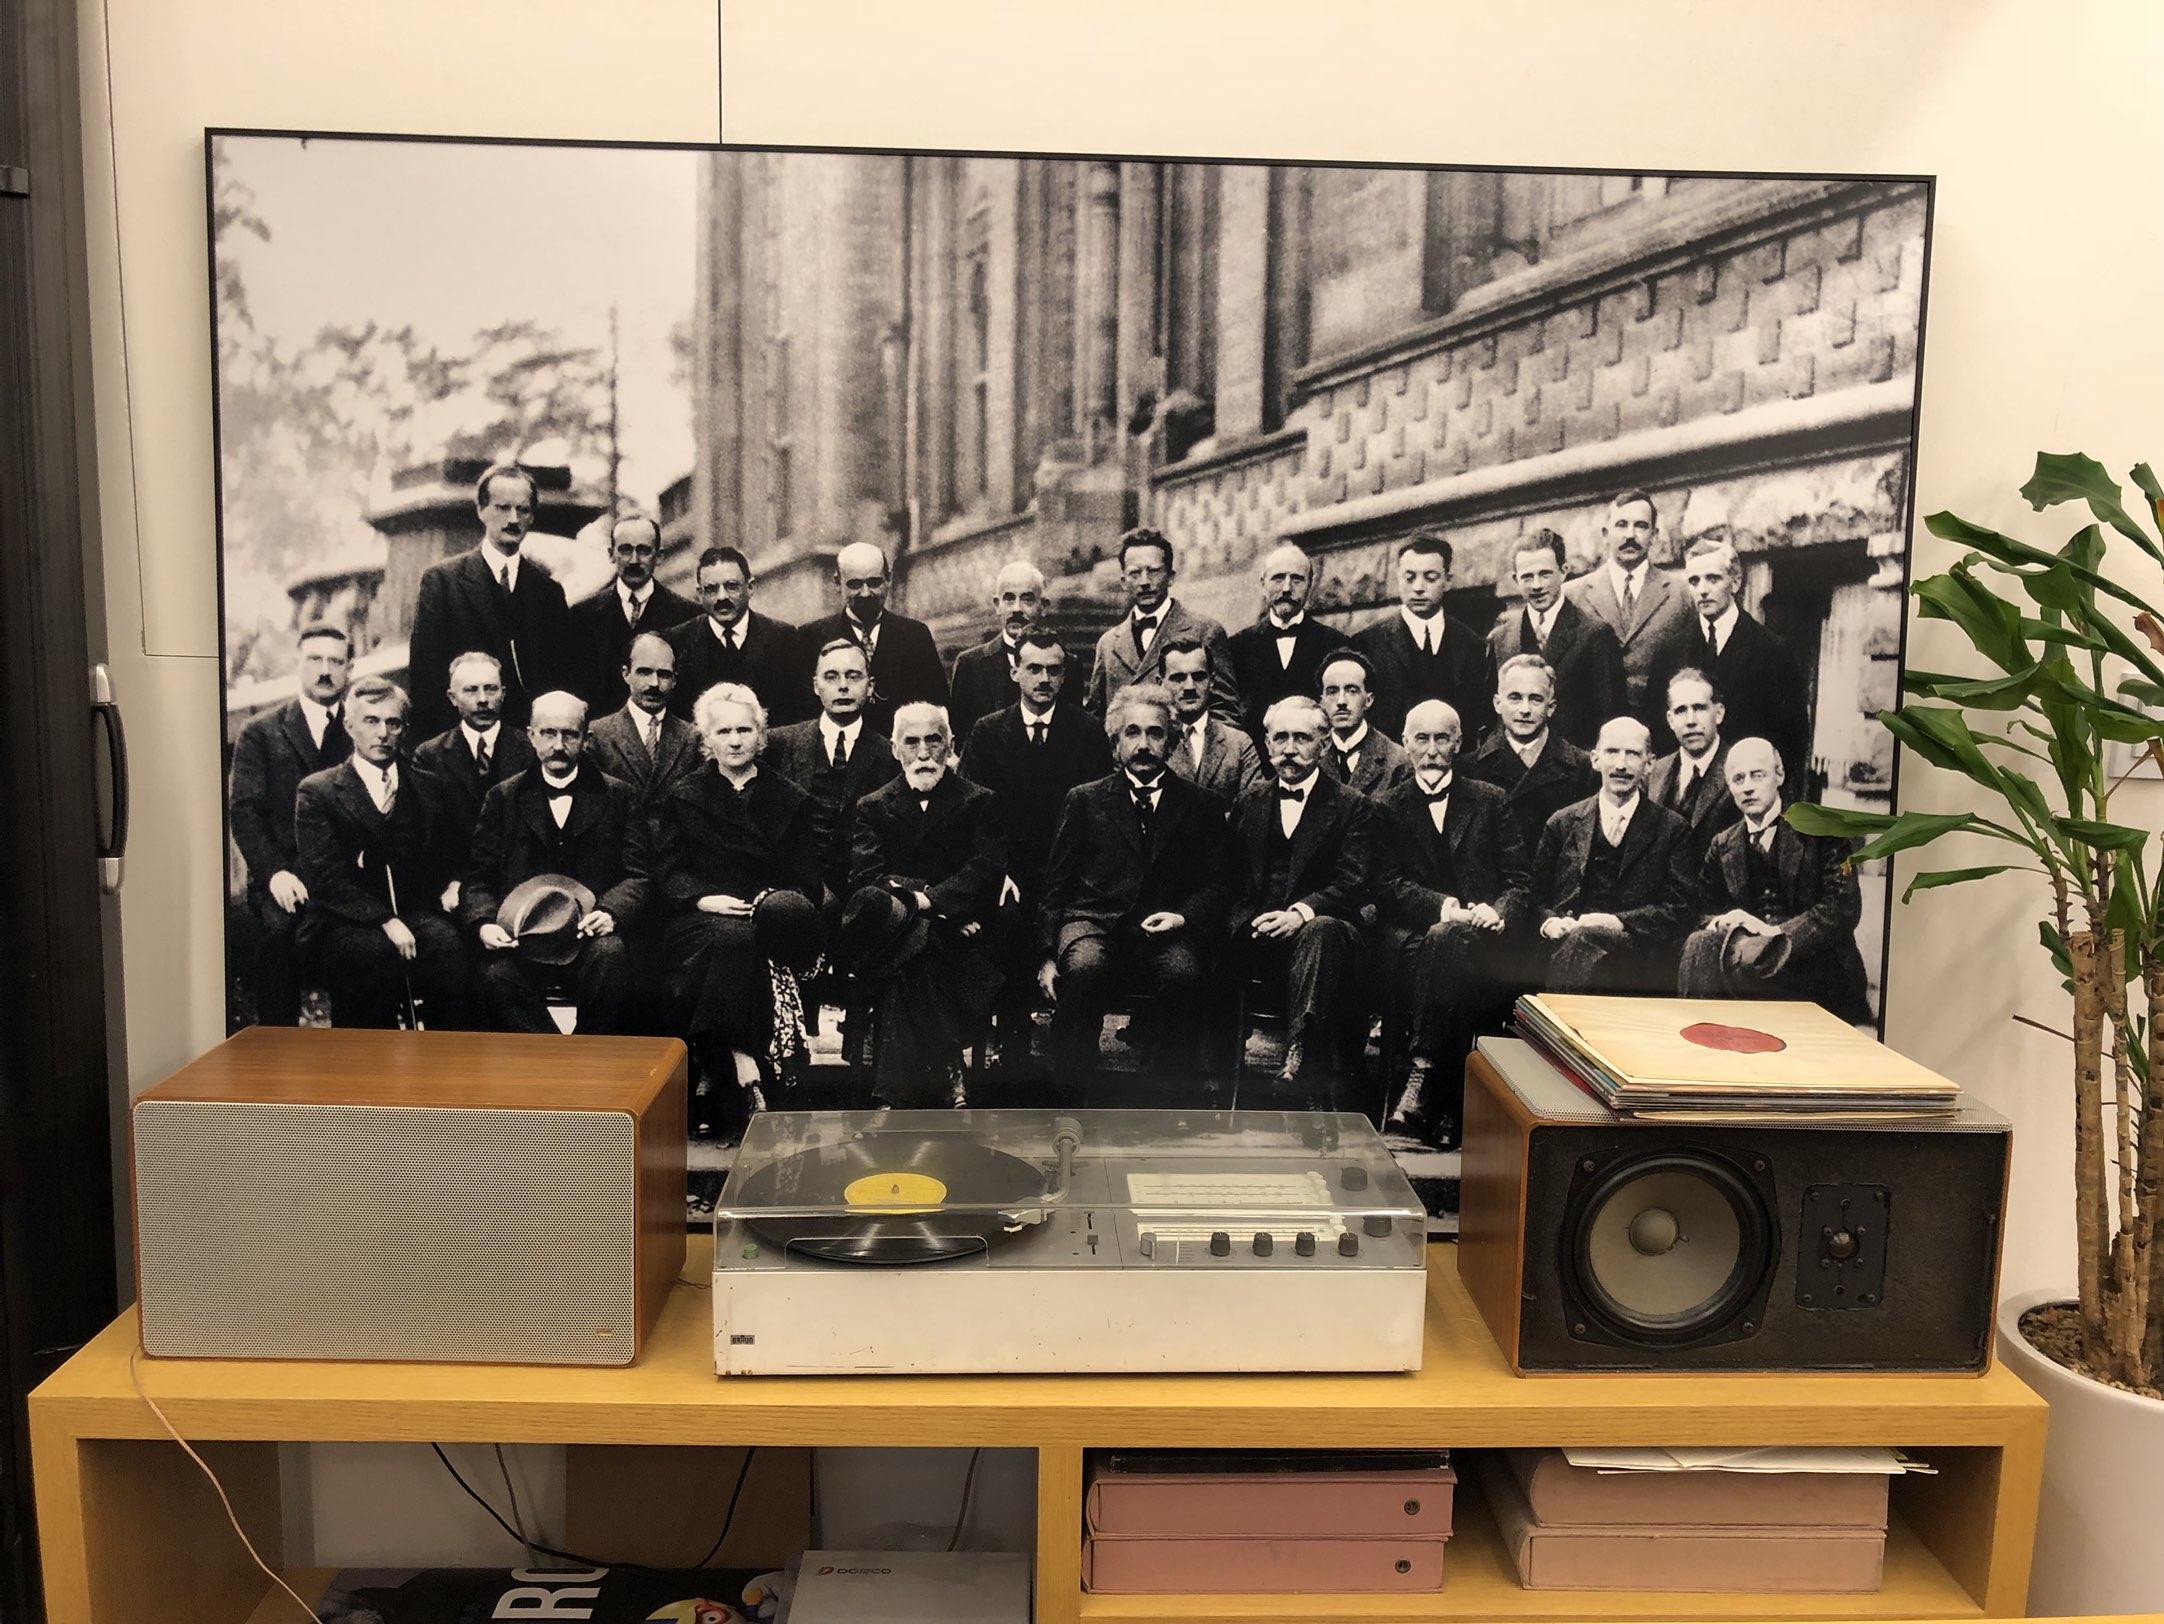 1927년에 벨기에에서 열렸던 솔베이 회의의 사진. 역사적인 물리학자들이 양자역학에 대해 토론했던 이 회의는 아직도 물리학계의 전설처럼 남아있다. 회의 참석자 29명 중 17명이 노벨상을 받기도 했다. 책과얽힘에는 이 역사적 사진이 크게 걸려있다. - 최지원 제공